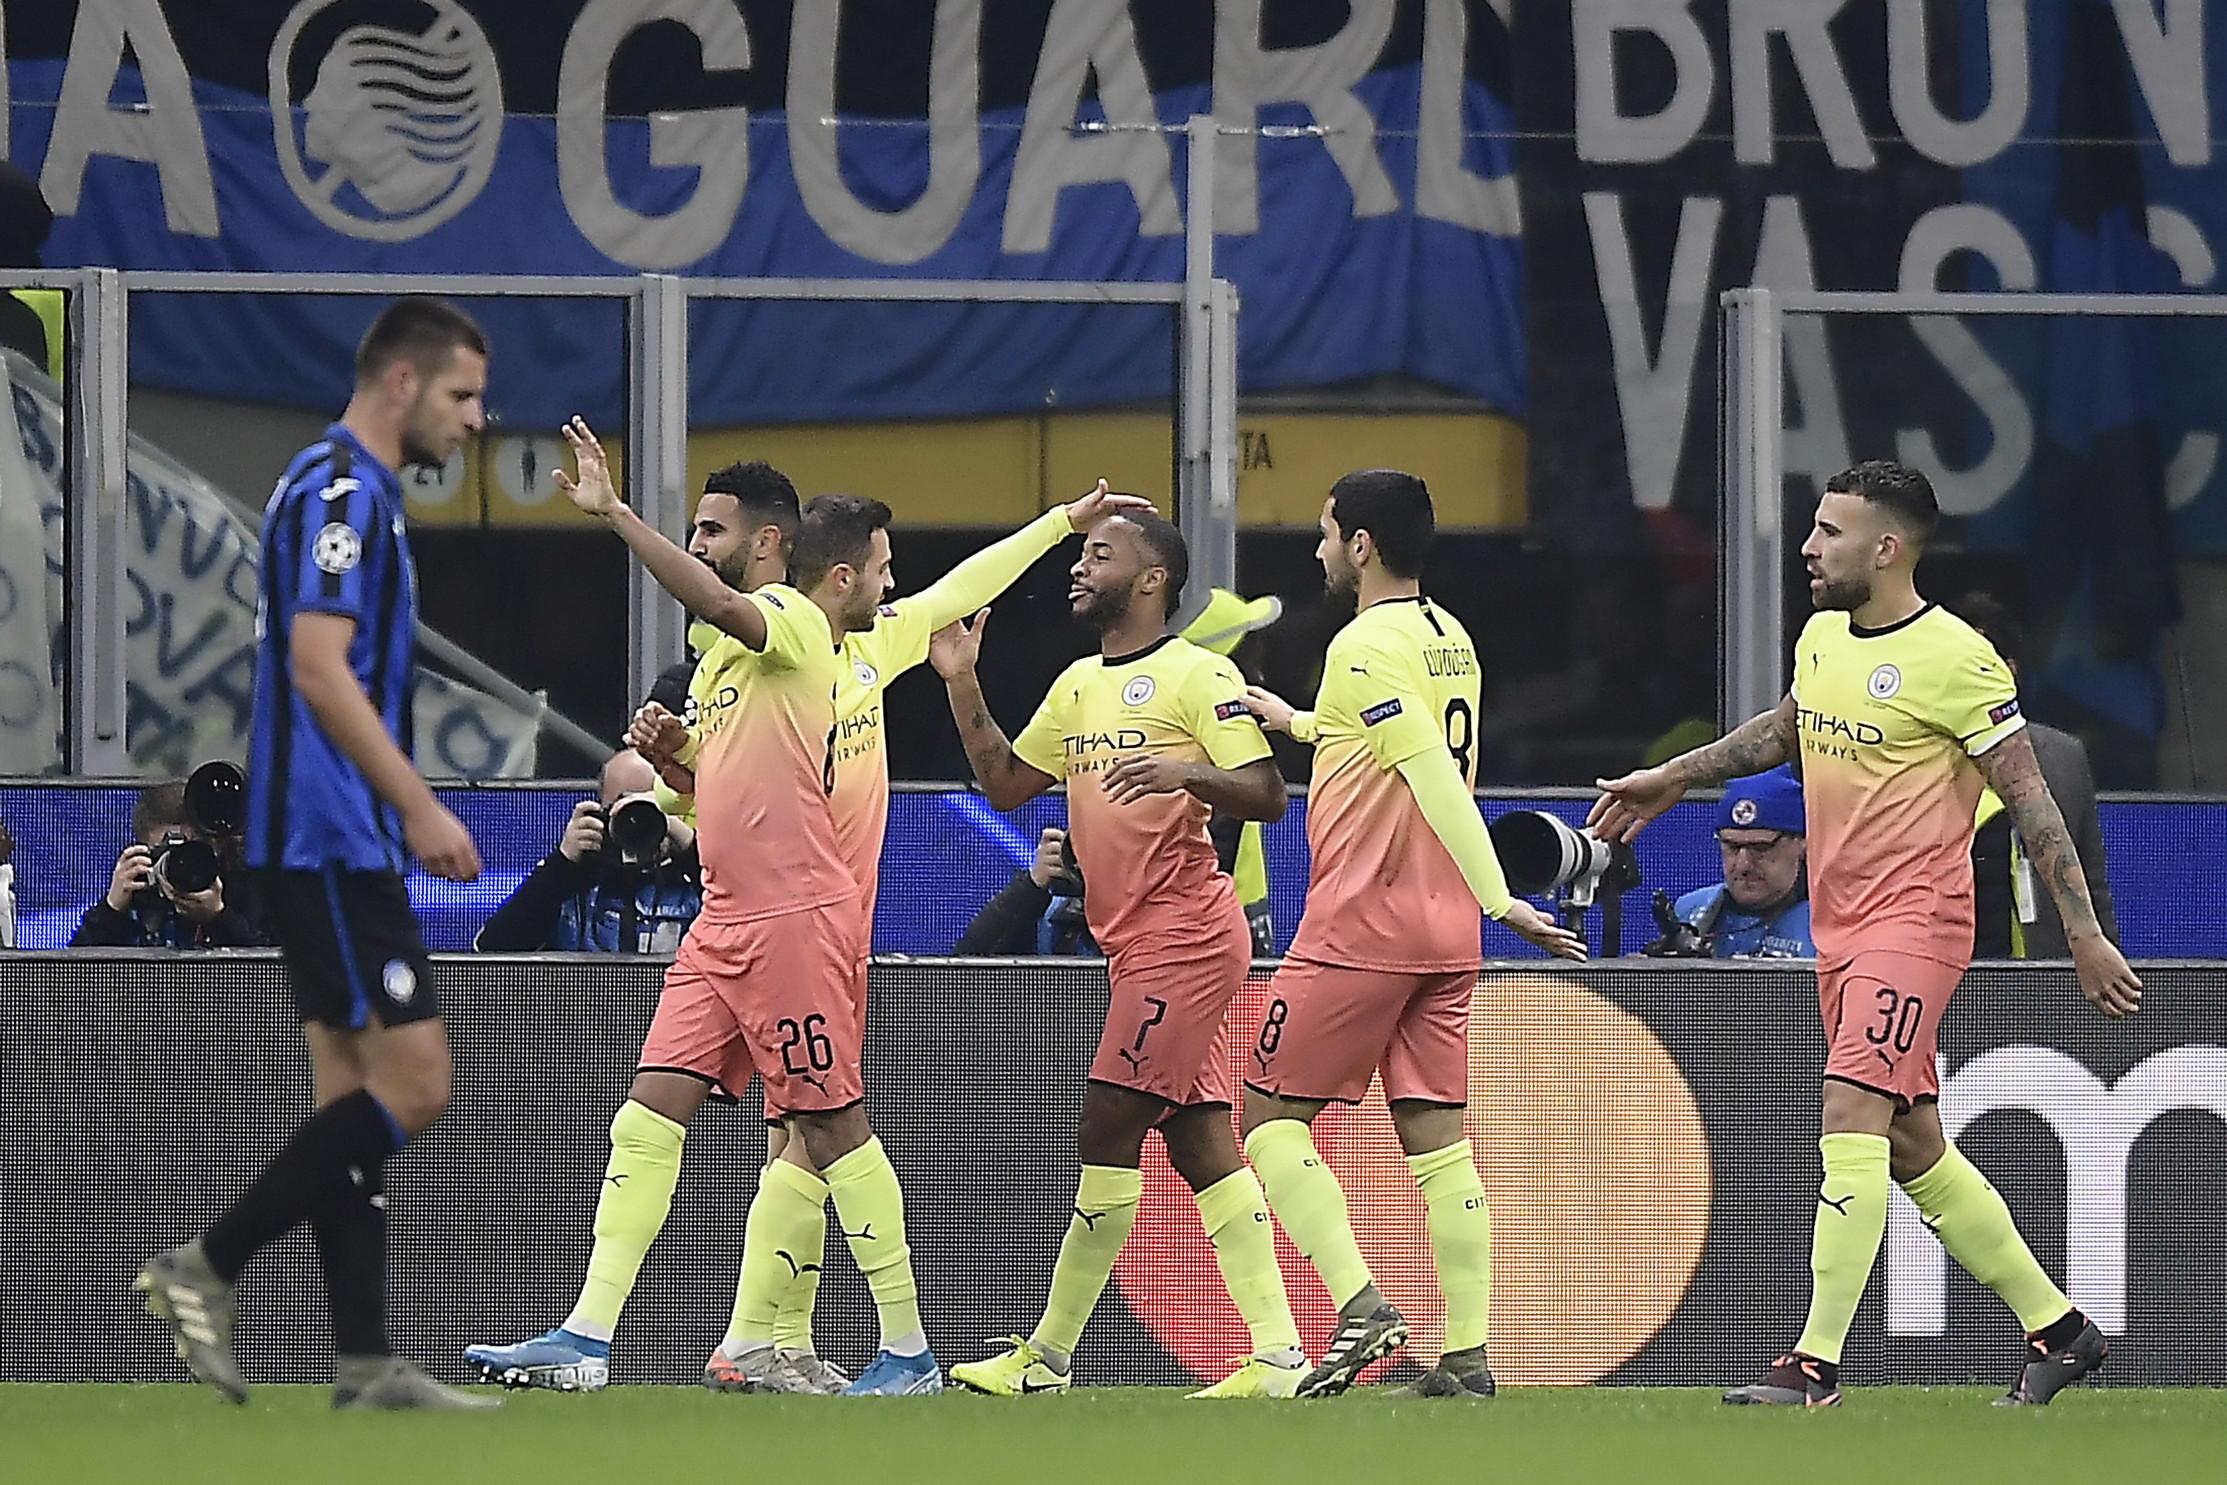 Le migliori immagini dela sfida di San Siro tra le squadre di Gasperini e Guardiola